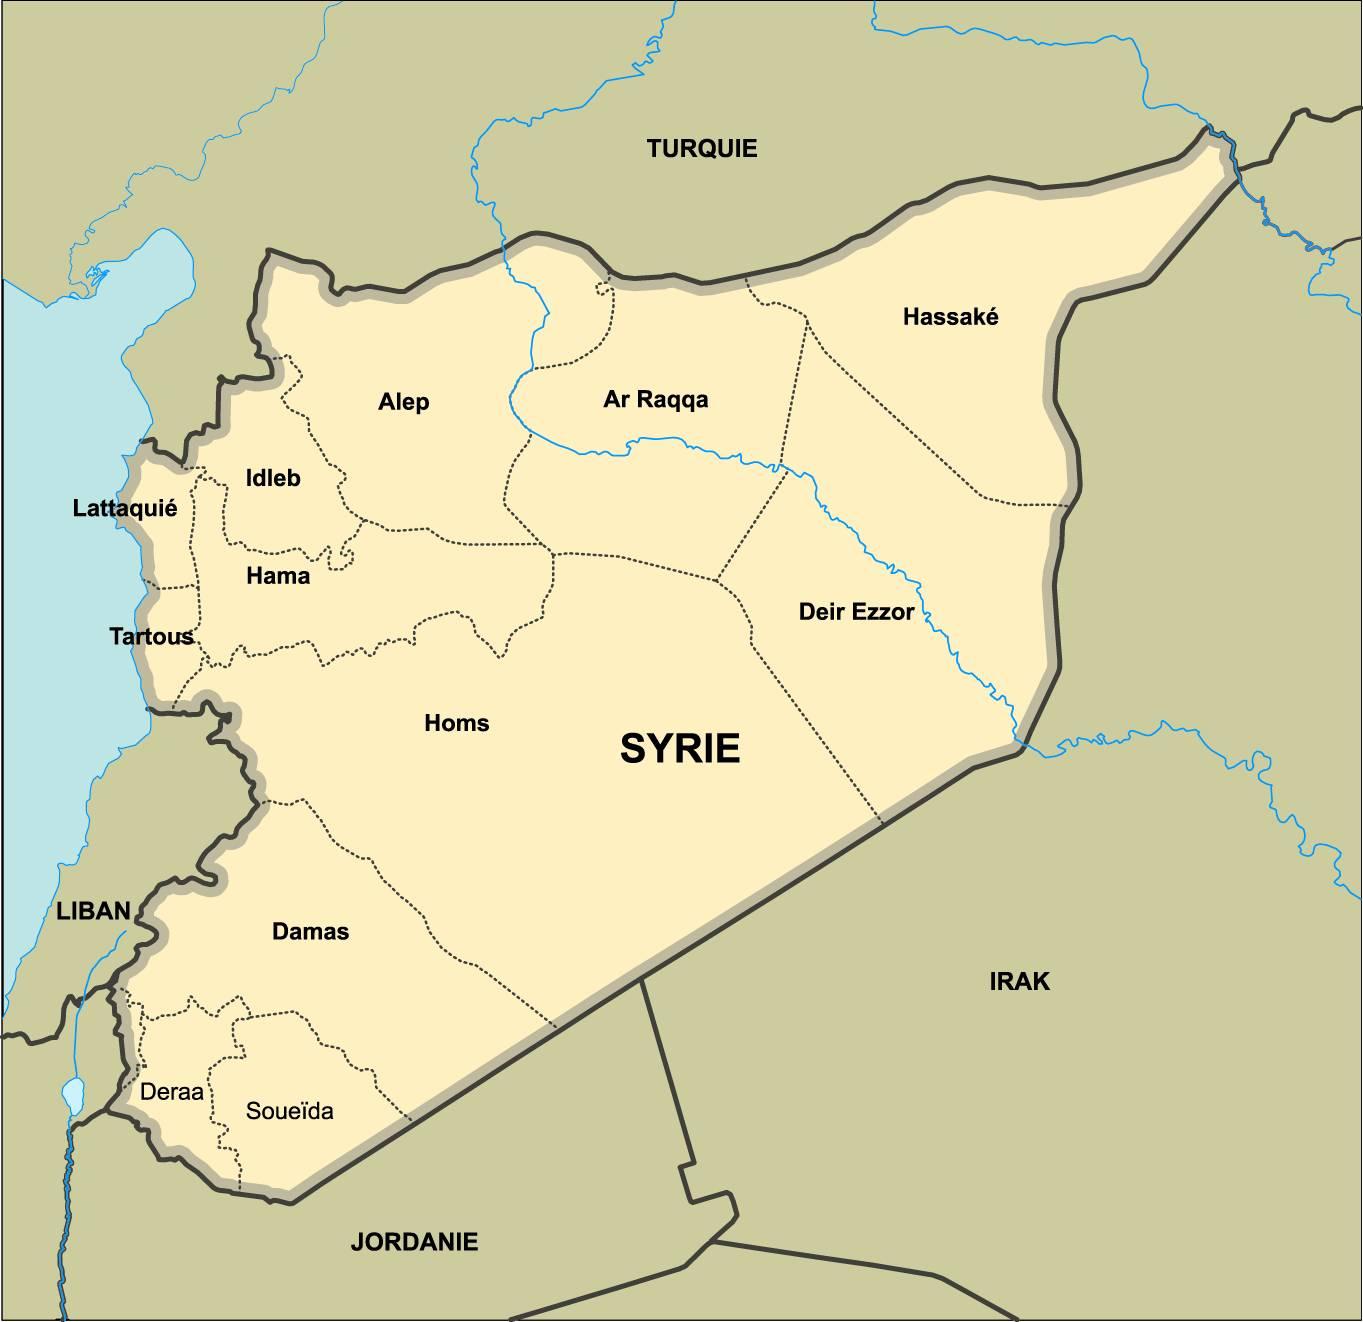 La future carte administrative de la Syrie fait débat